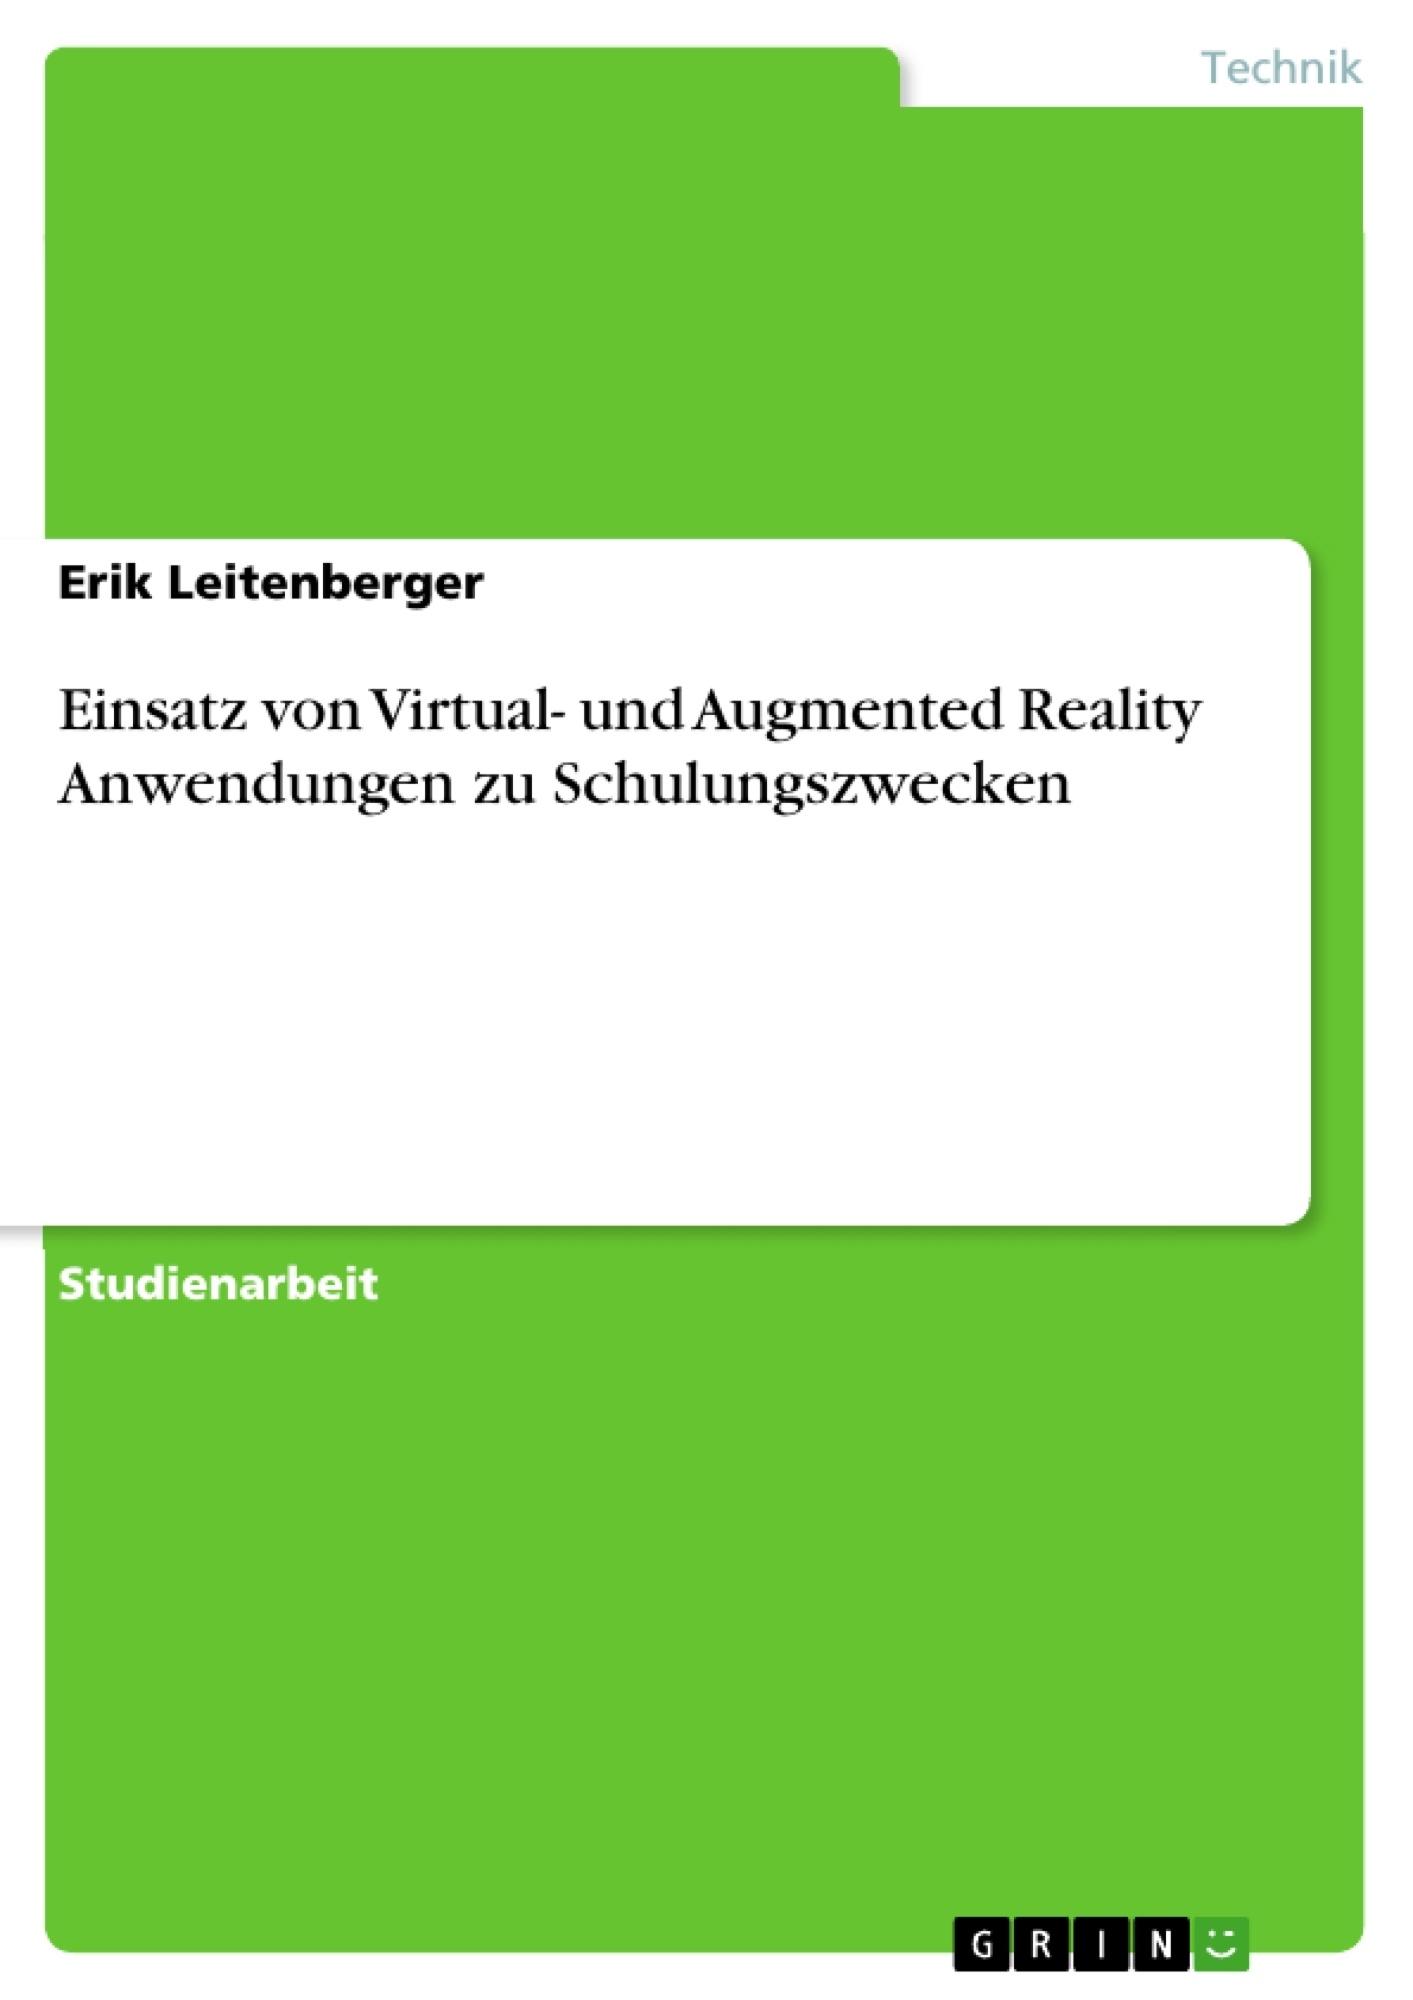 Titel: Einsatz von Virtual- und Augmented Reality Anwendungen  zu Schulungszwecken